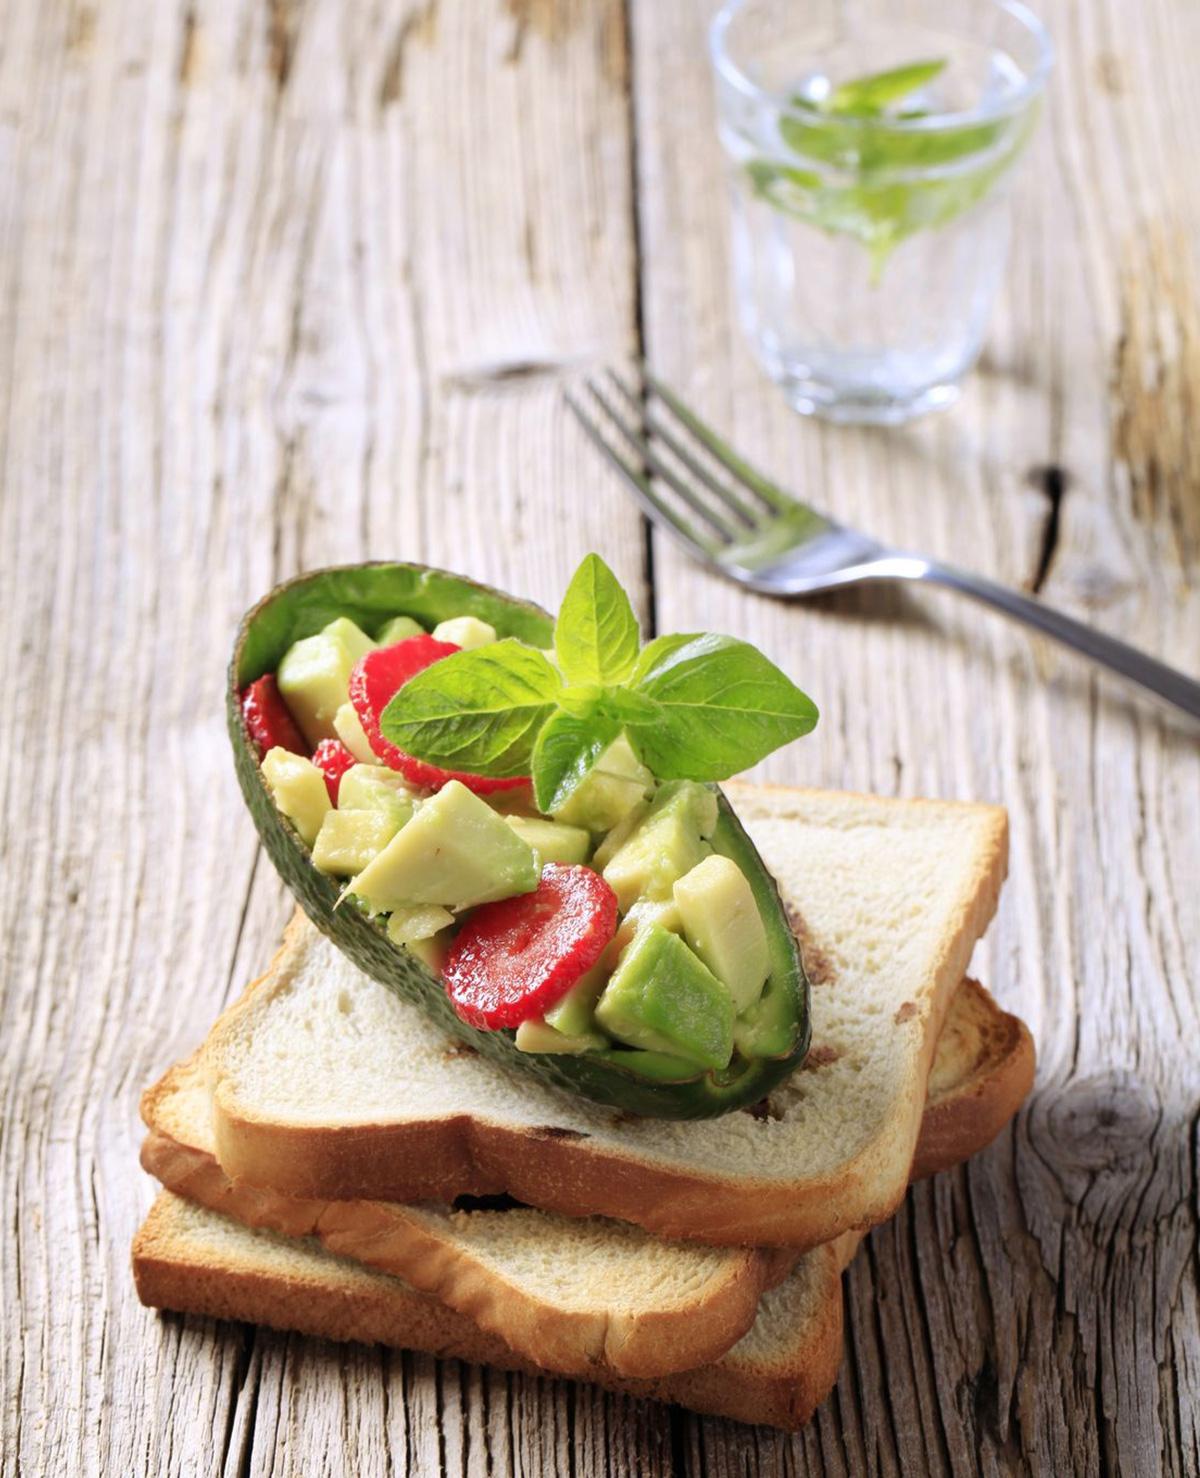 Is elke dag een avocado eten gezond?